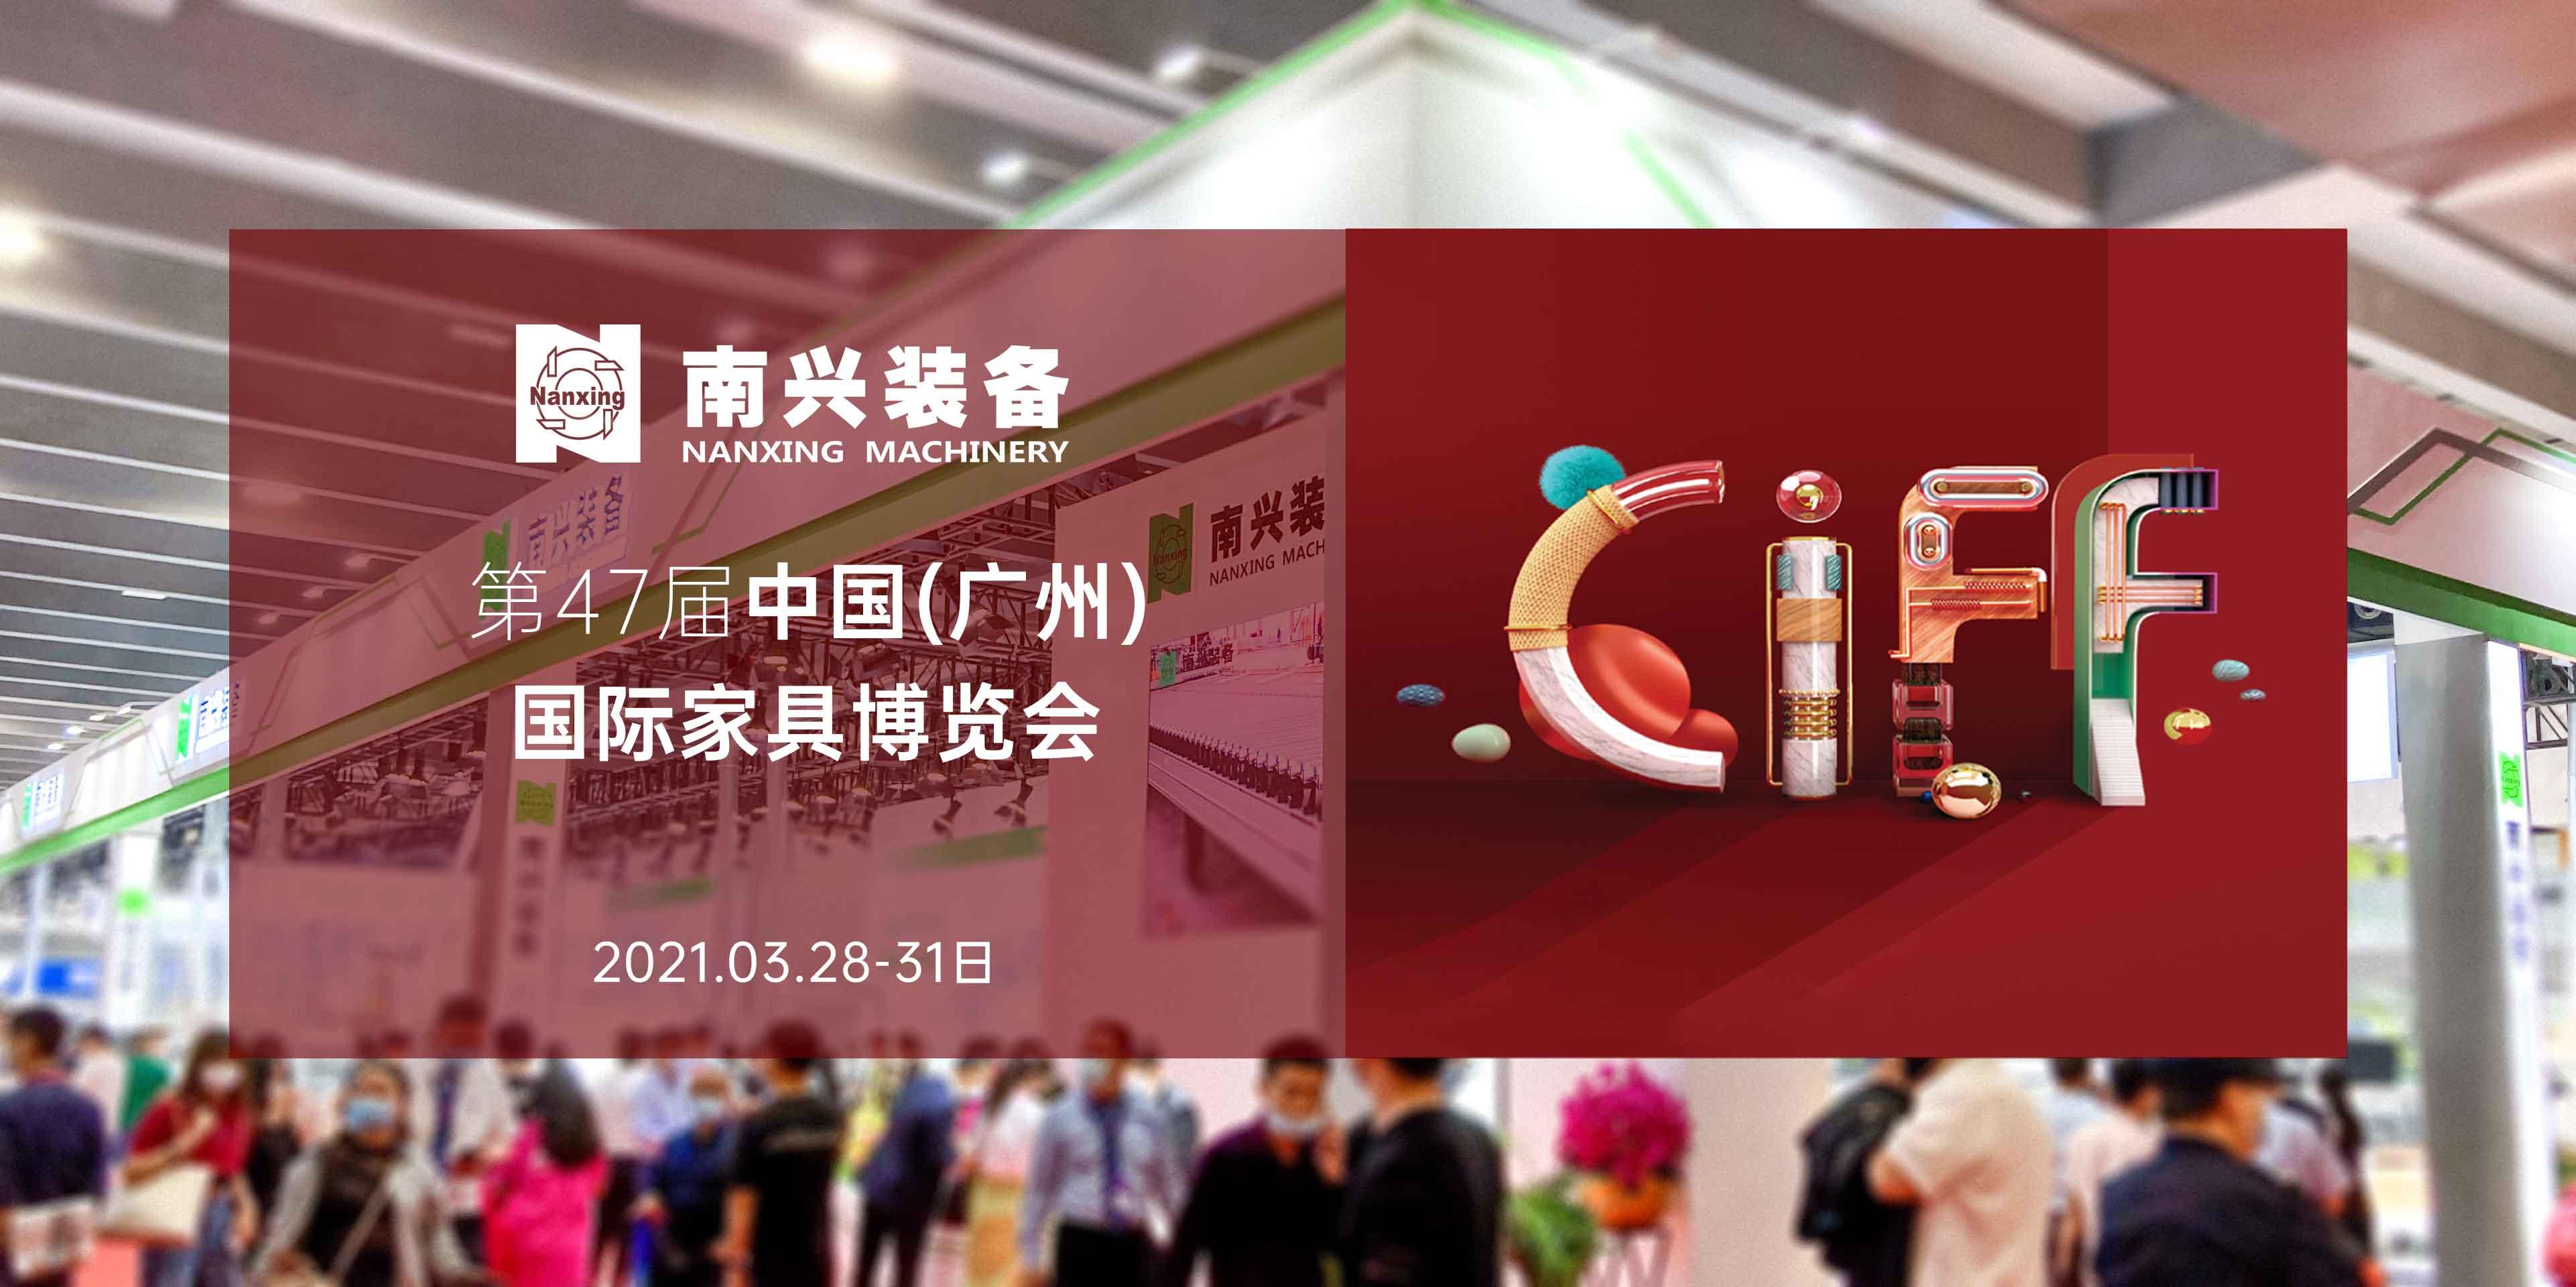 廣州CIFF首日 | 直擊南興裝備 見證品牌實力